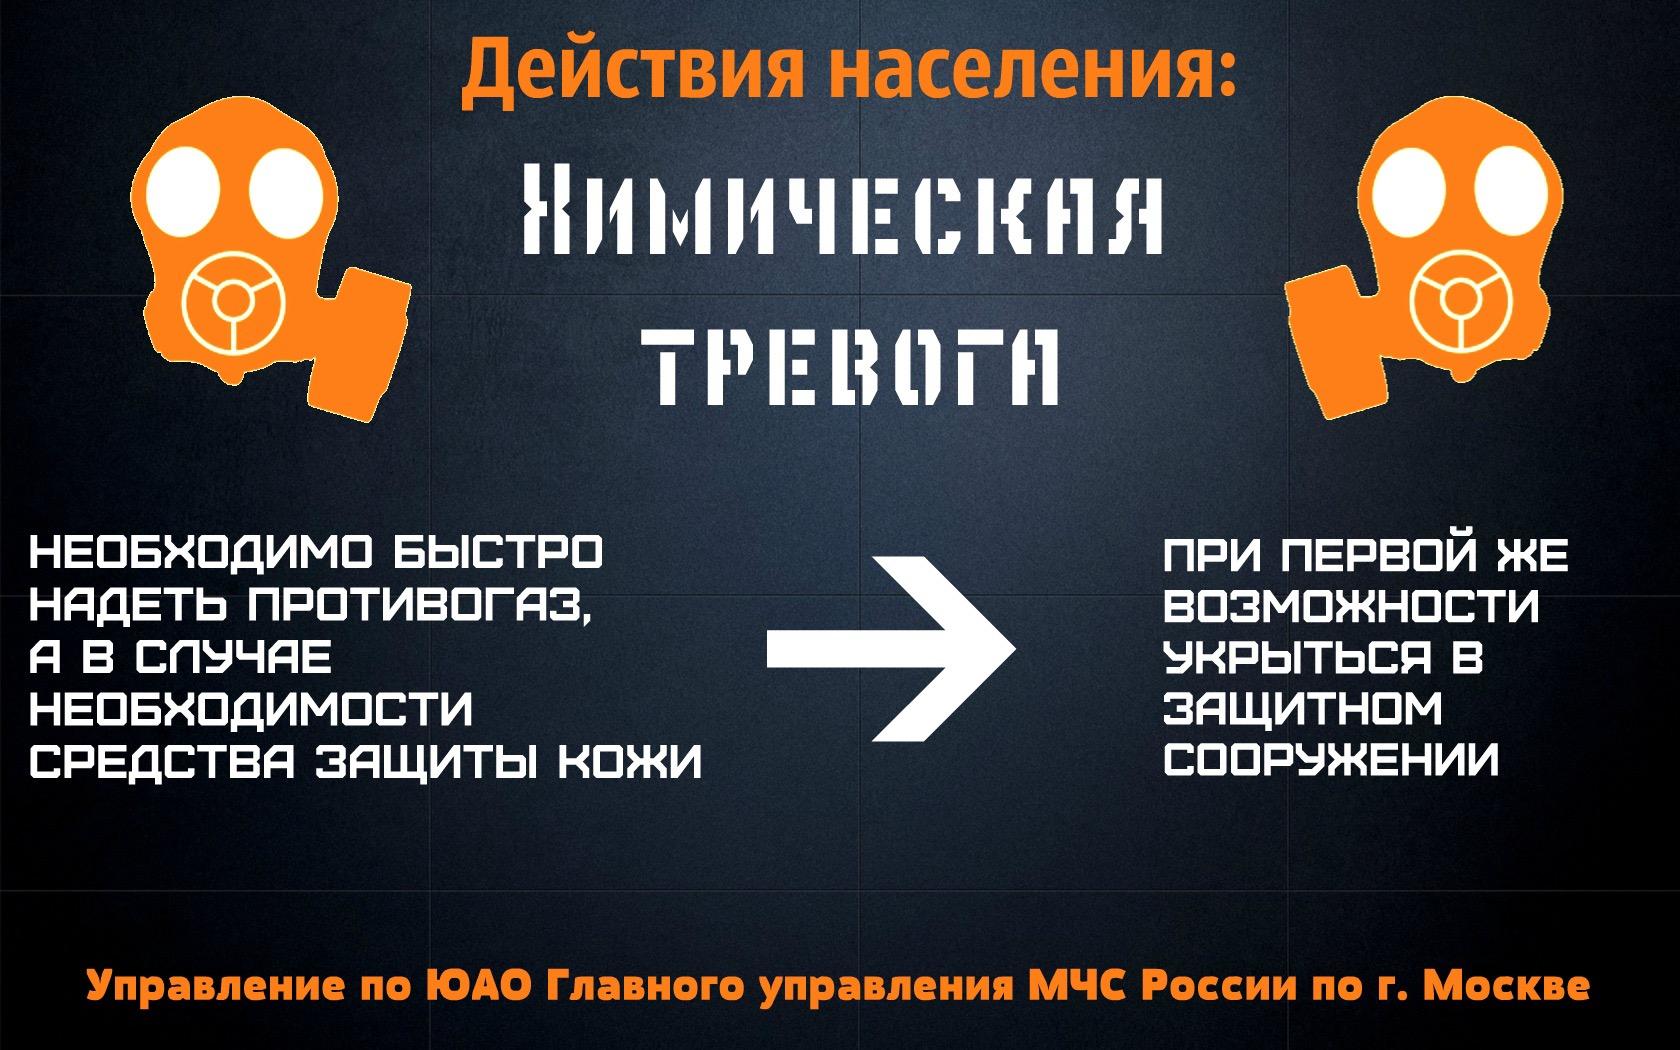 Сколько стоит мед справка водительская в 2019 в Москве Южное Орехово-Борисово